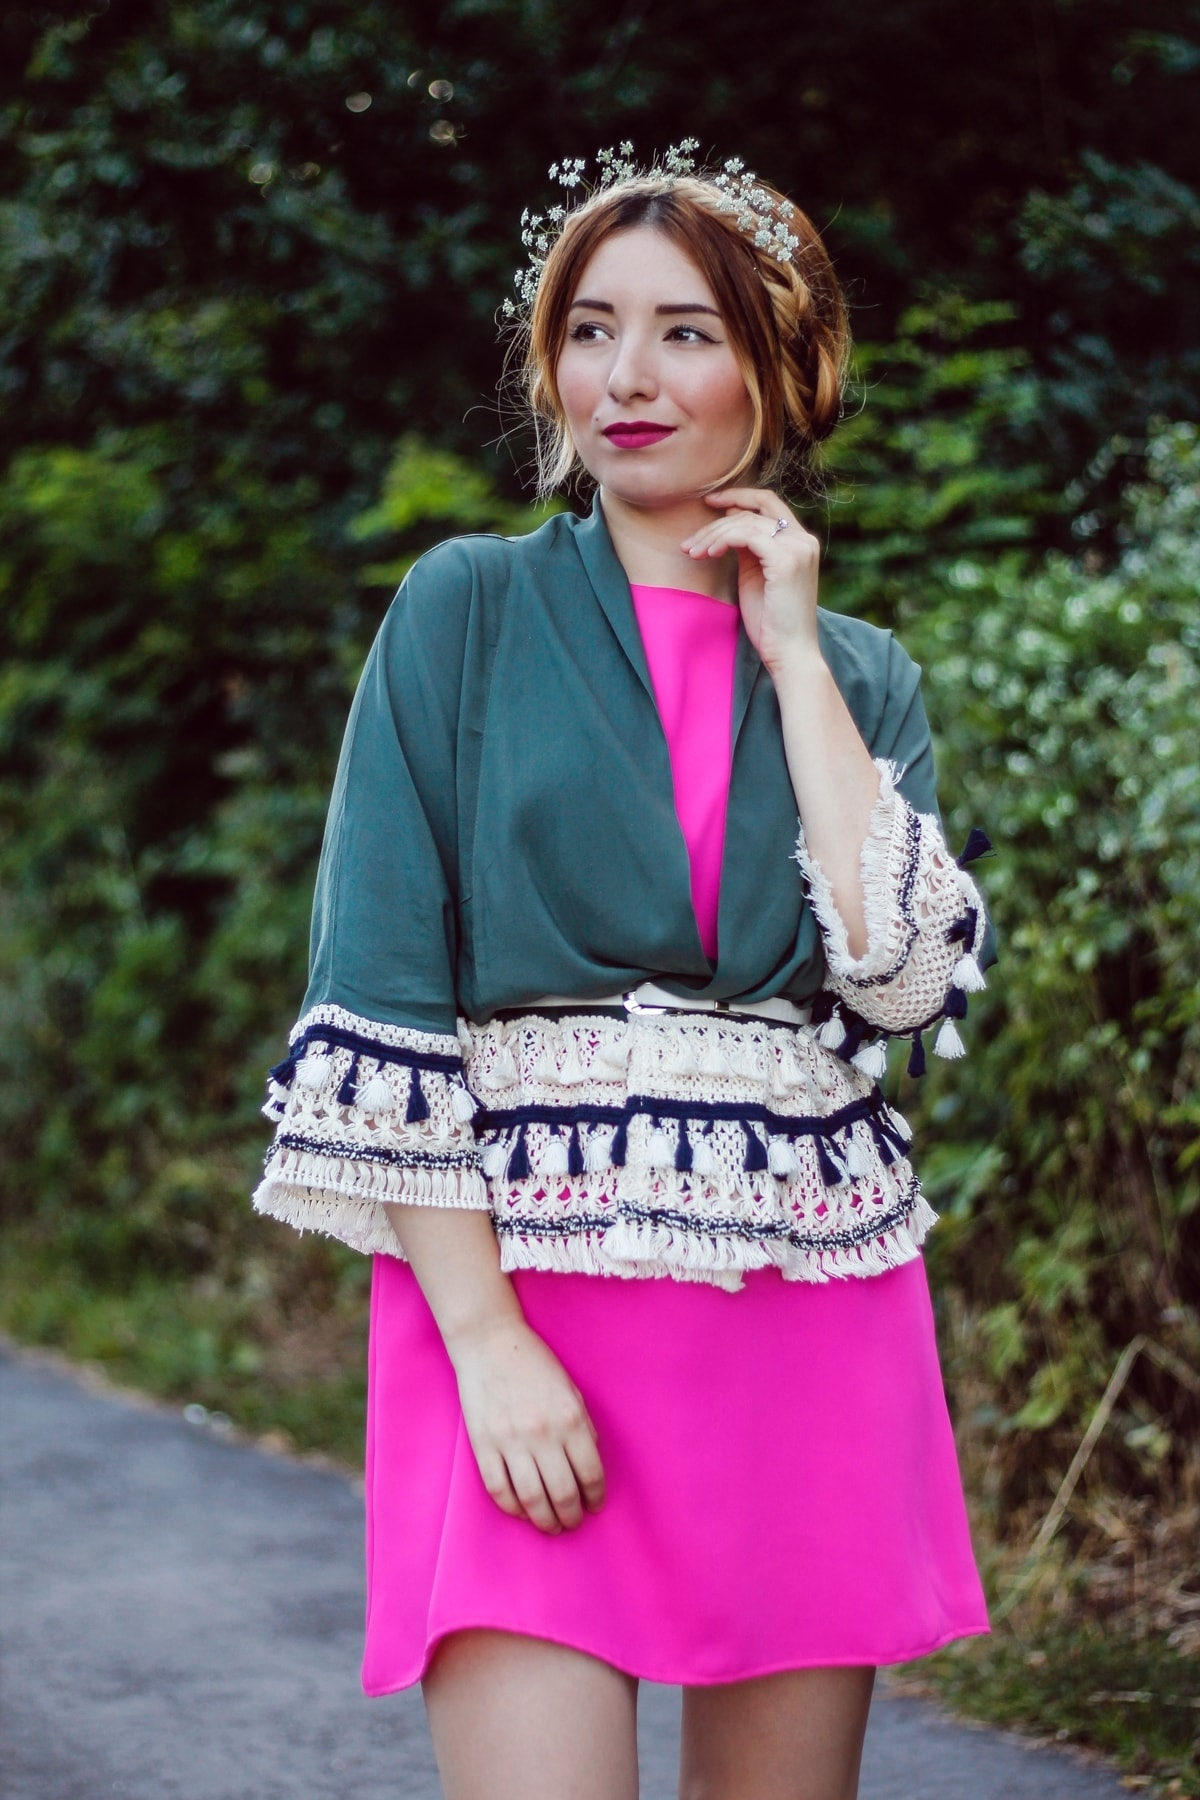 Andreea Ristea - fashion is fun - rochie roz fucsia si kimono verde militar cu ciucuri